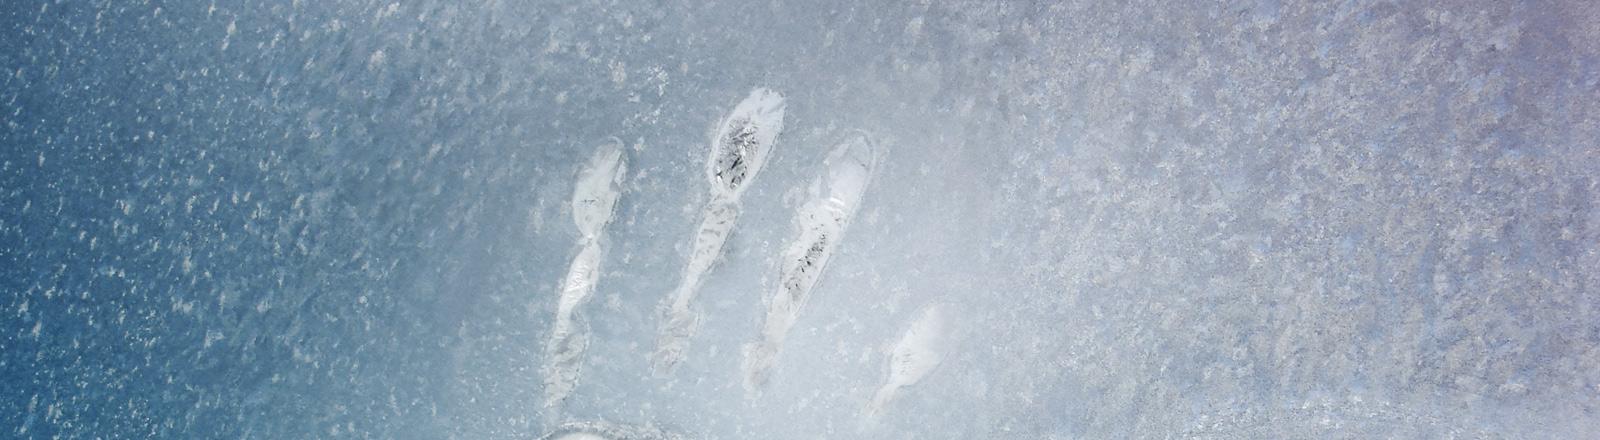 Handabdruck an einer frostigen Scheibe.